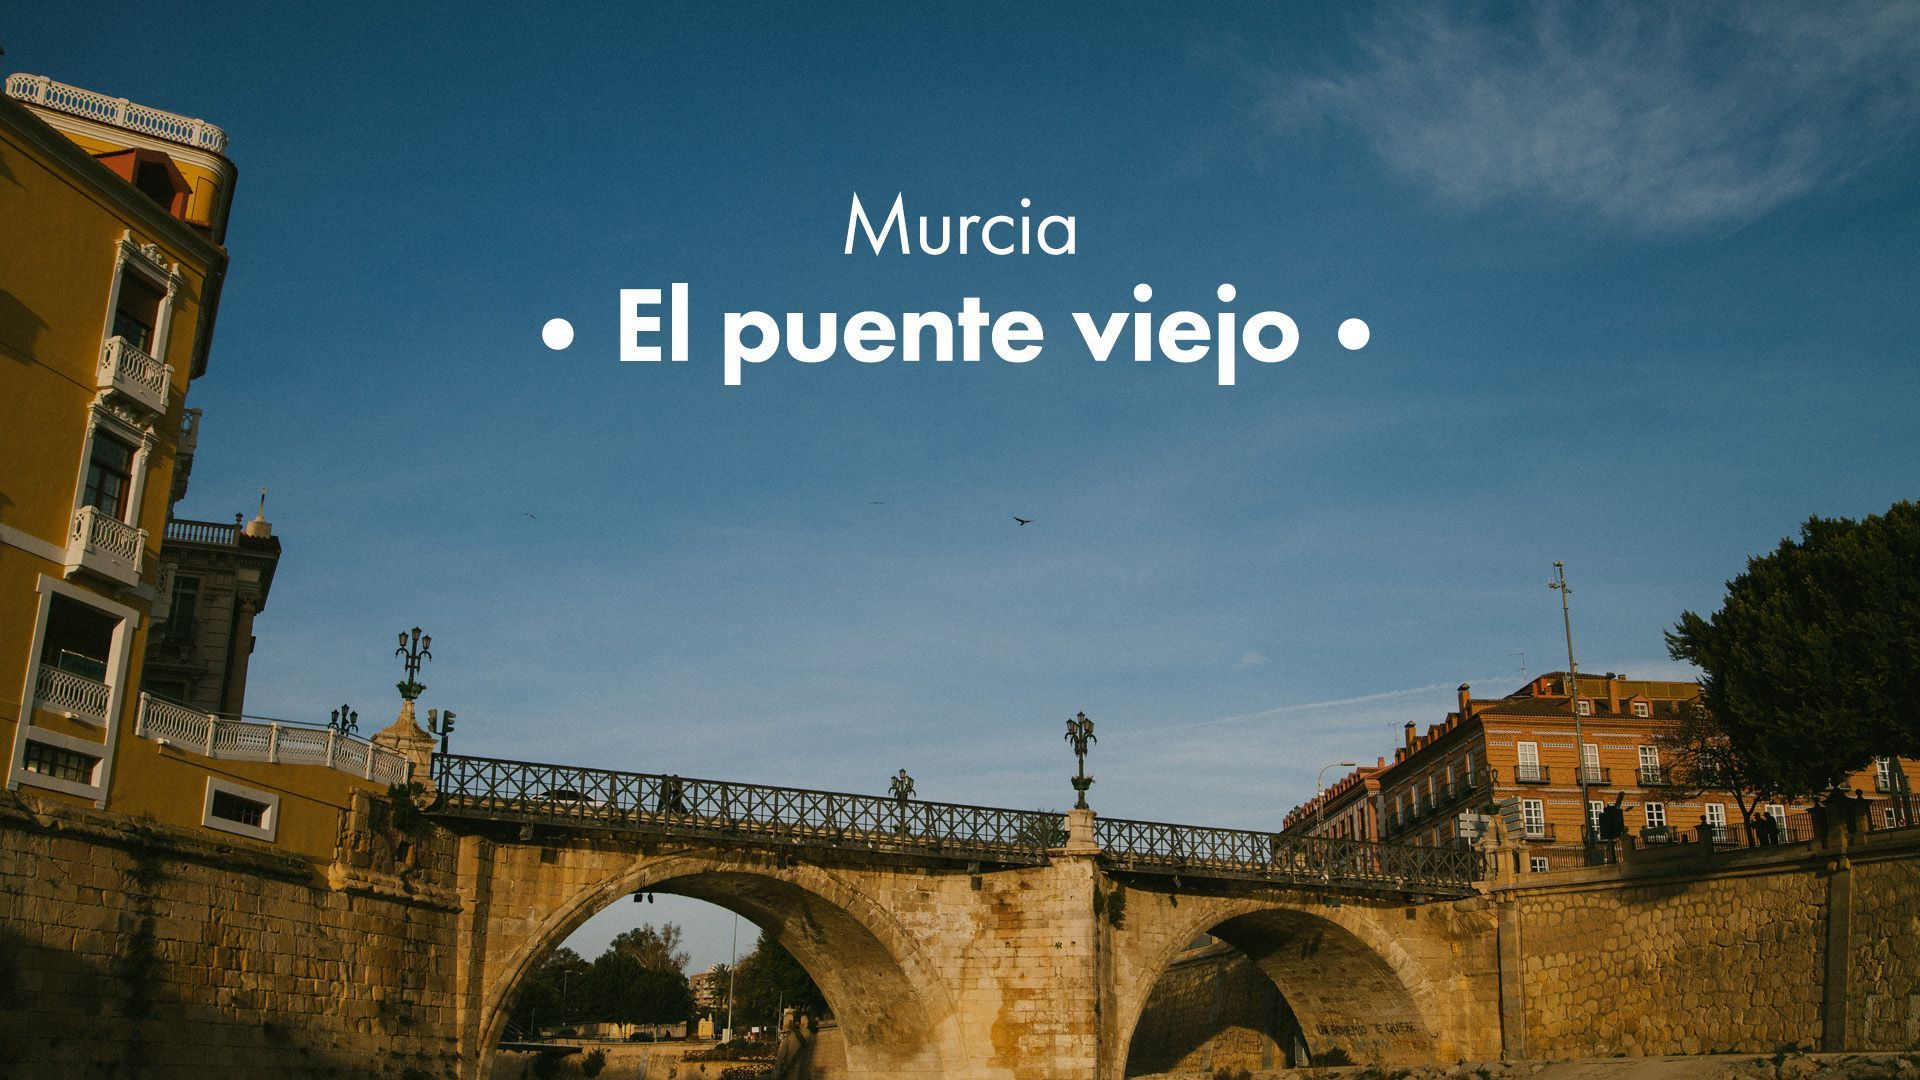 video_de_murcia_el_puente_viejo_portada